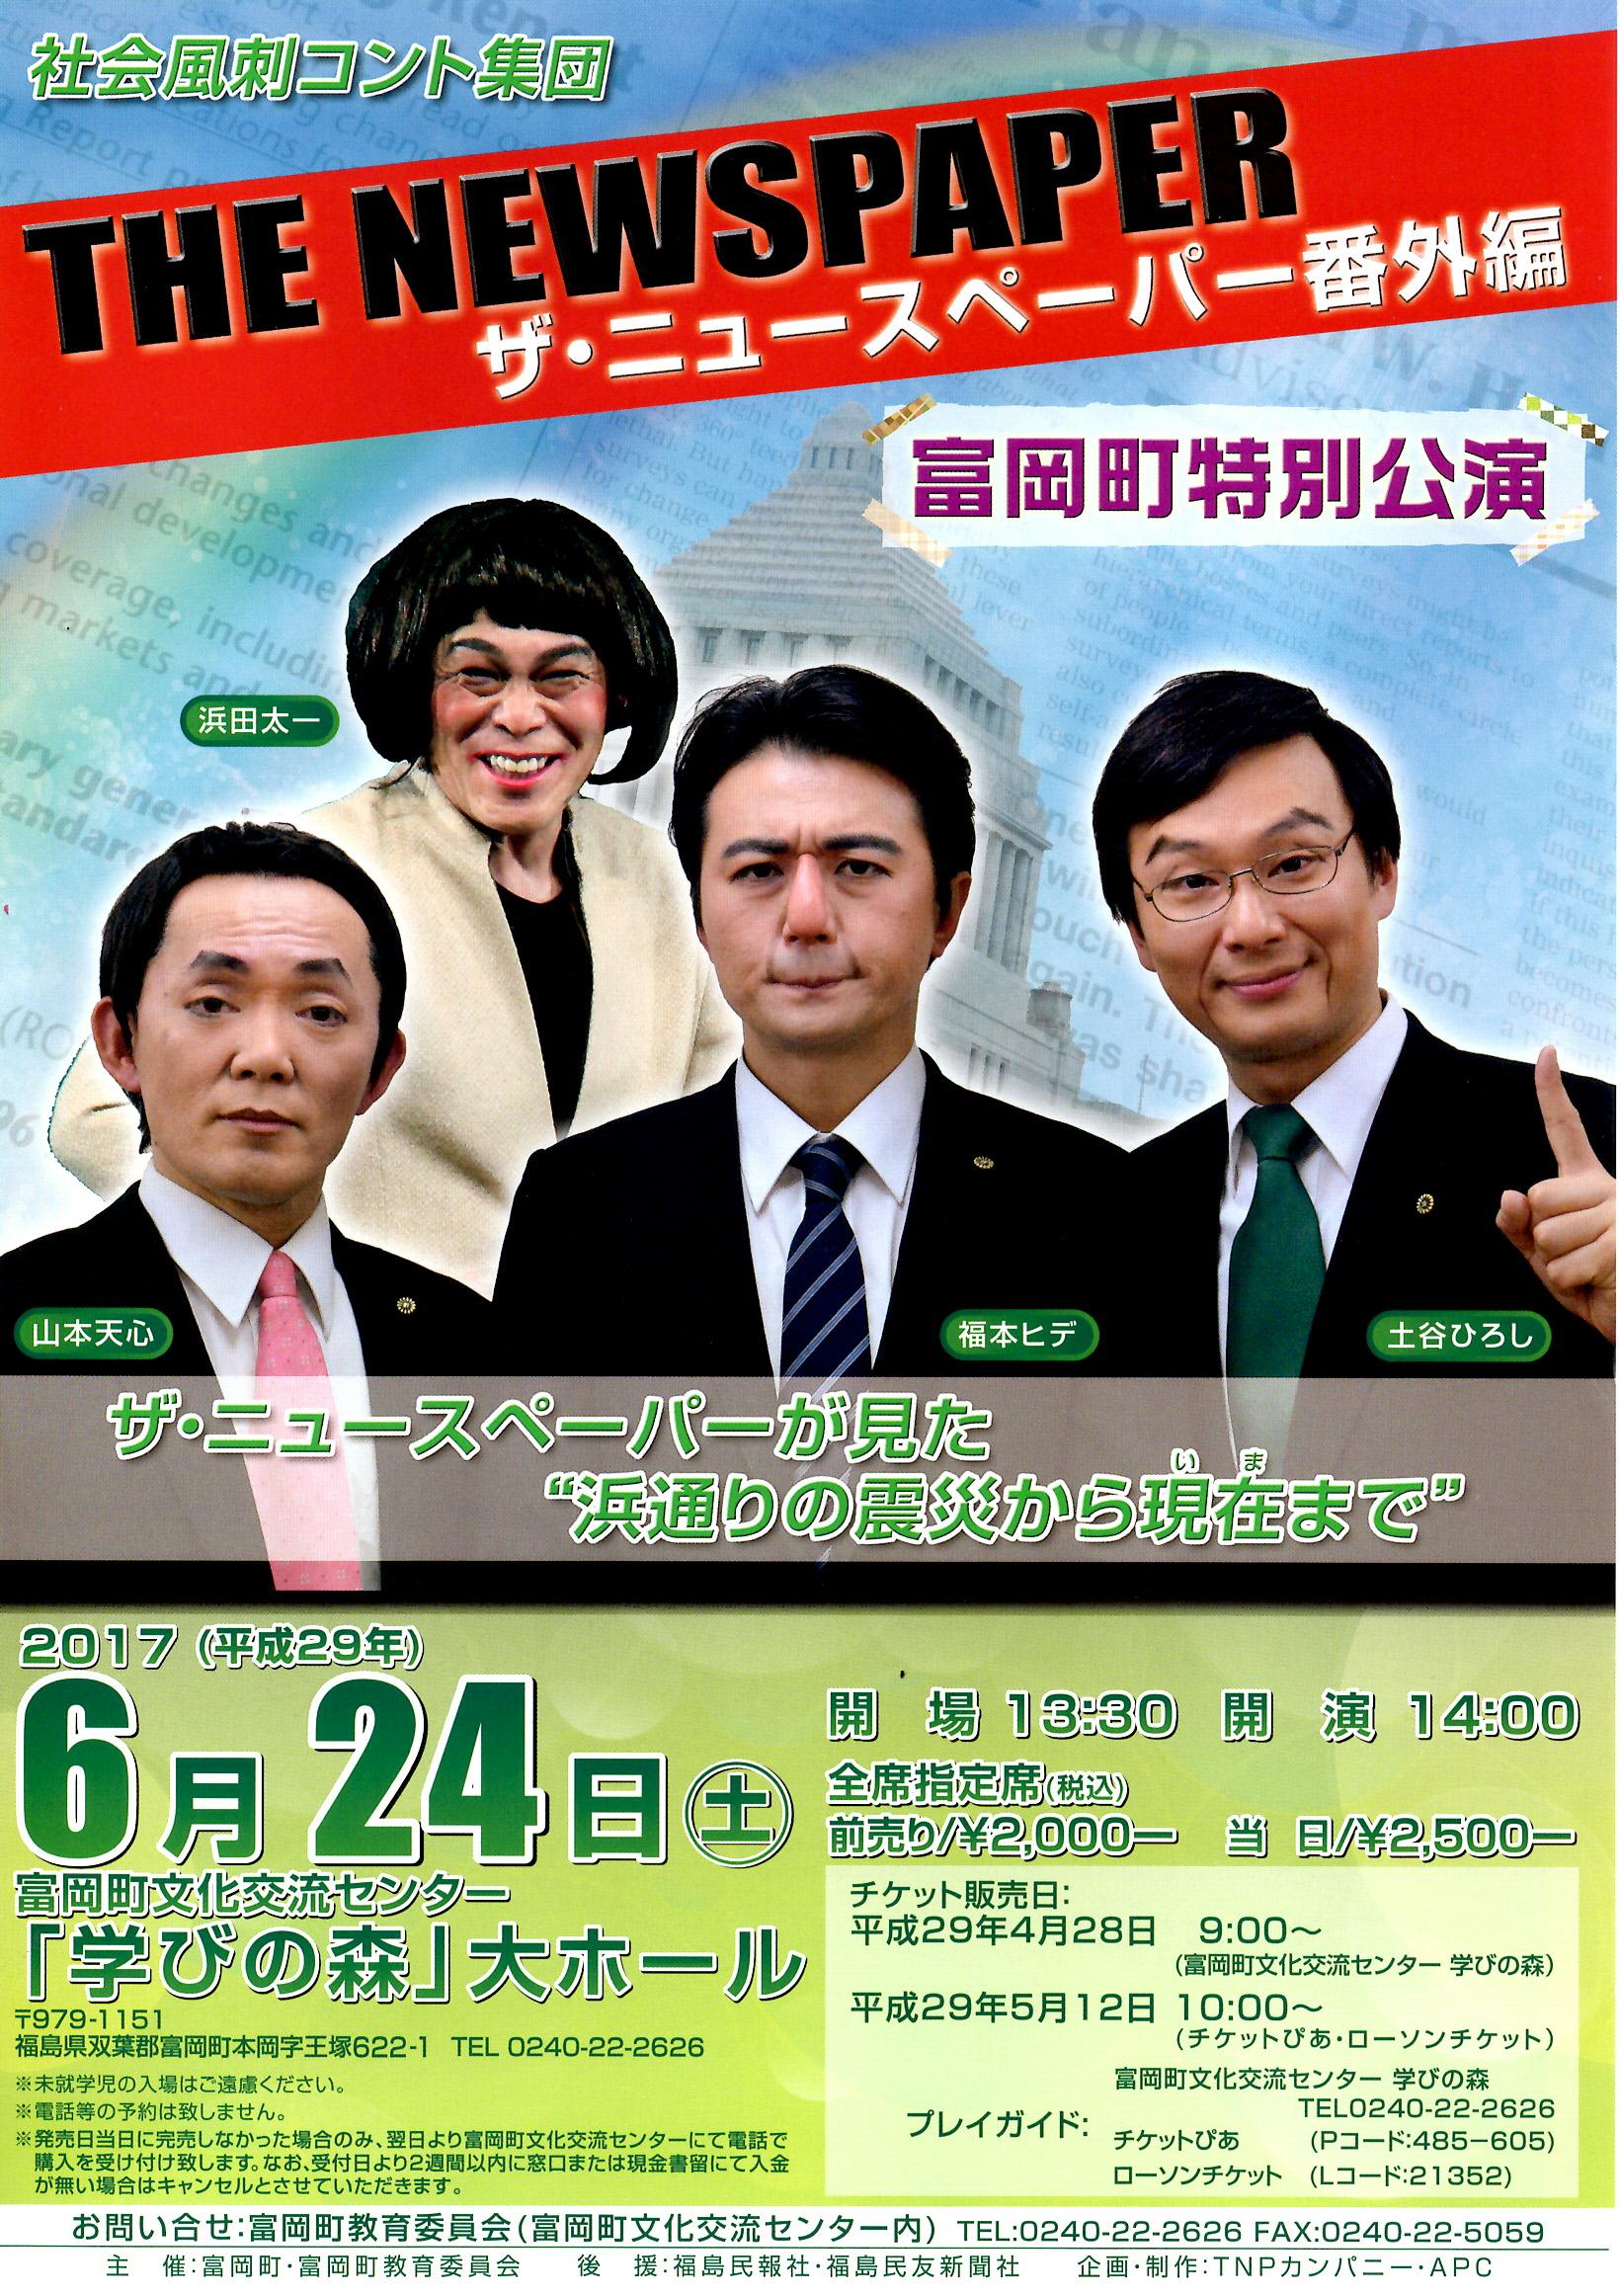 2017.6.24社会風刺コント集団ザ・ニュースペーパー番外編